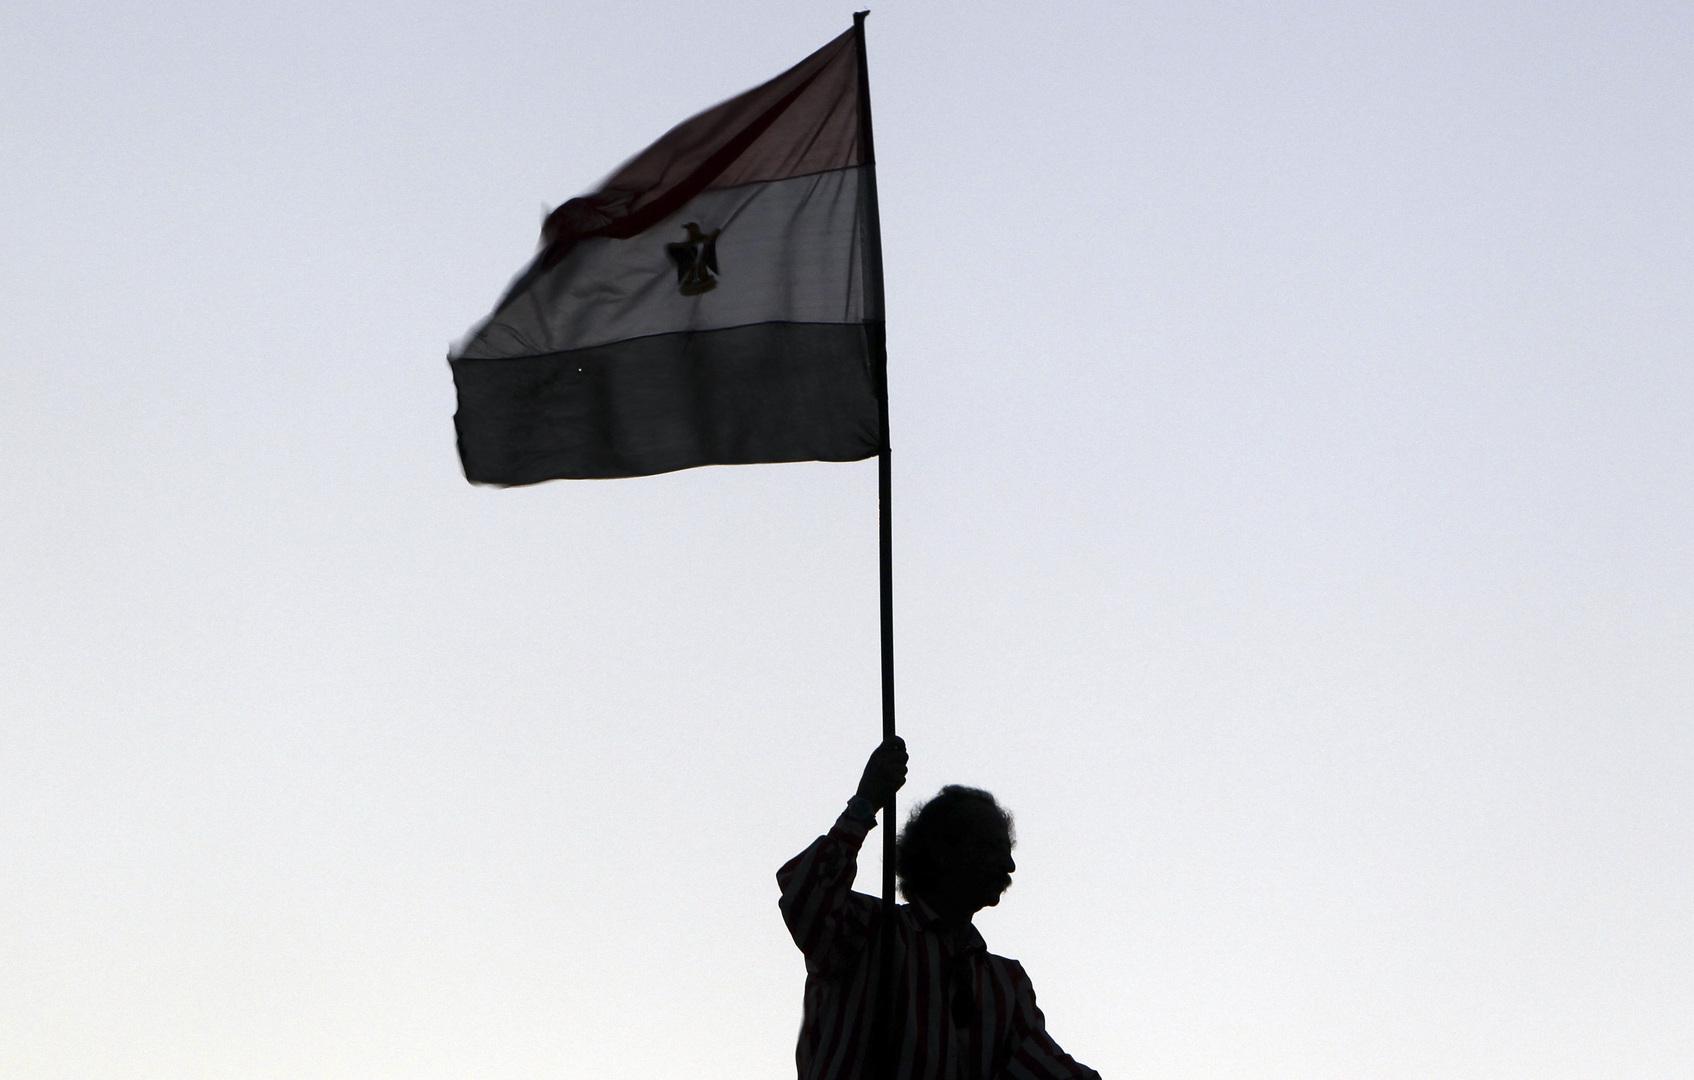 خطأ فادح متعلق بالقرآن الكريم في امتحان لغة عربية يسبب أزمة في مصر (صورة)